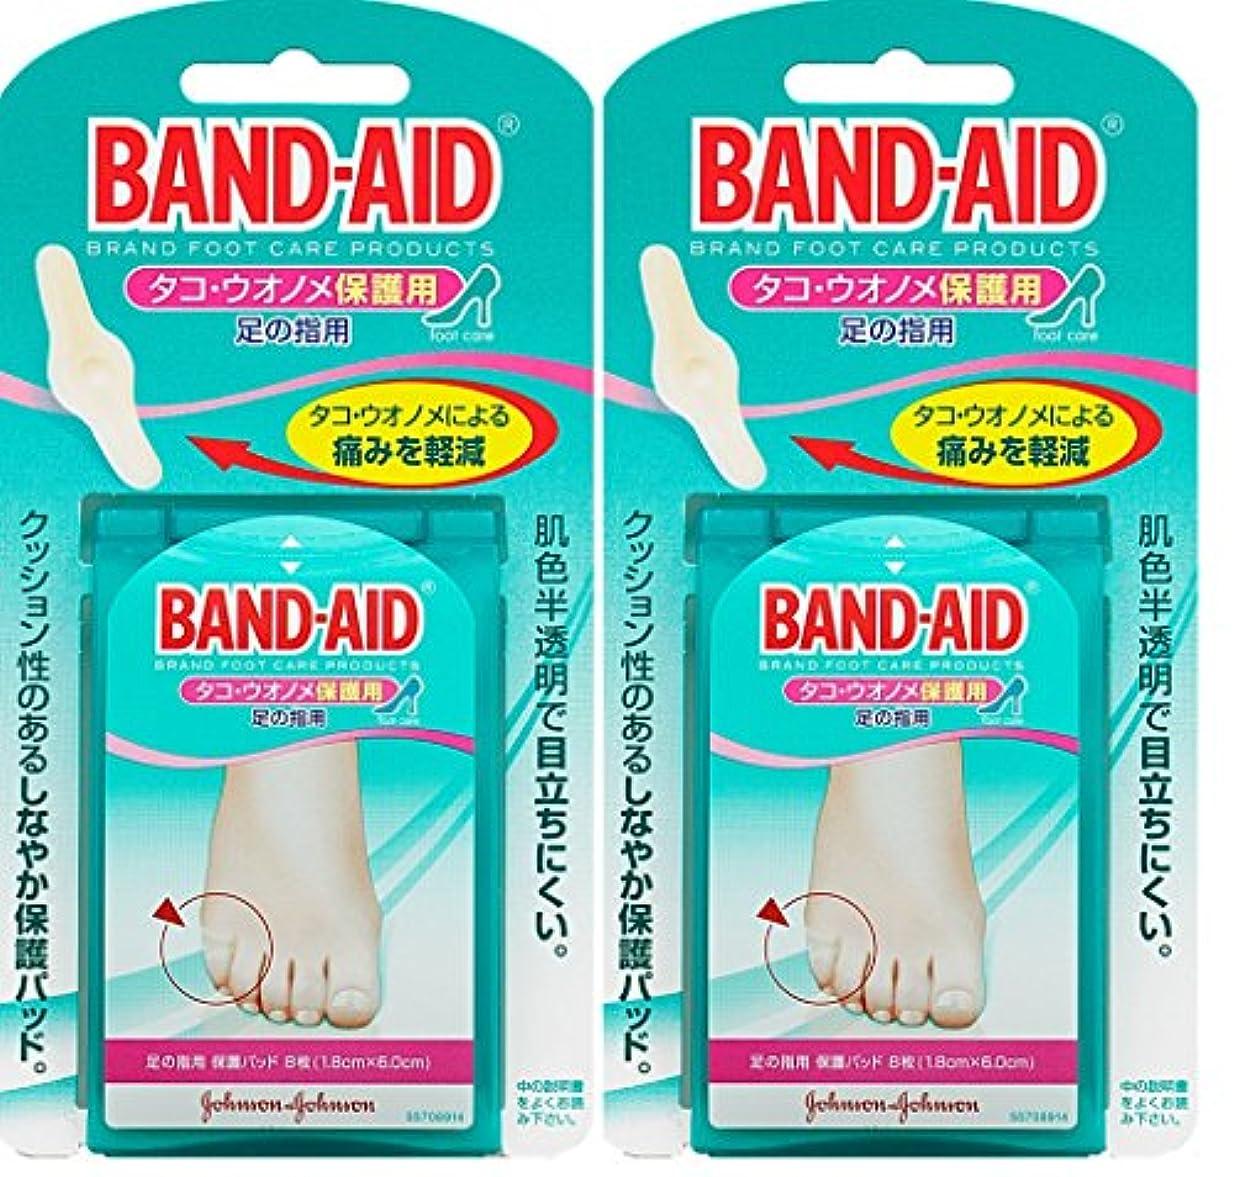 詐欺書店屋内で【まとめ買い】BAND-AID(バンドエイド) タコ?ウオノメ保護用 足の指用 8枚×2個